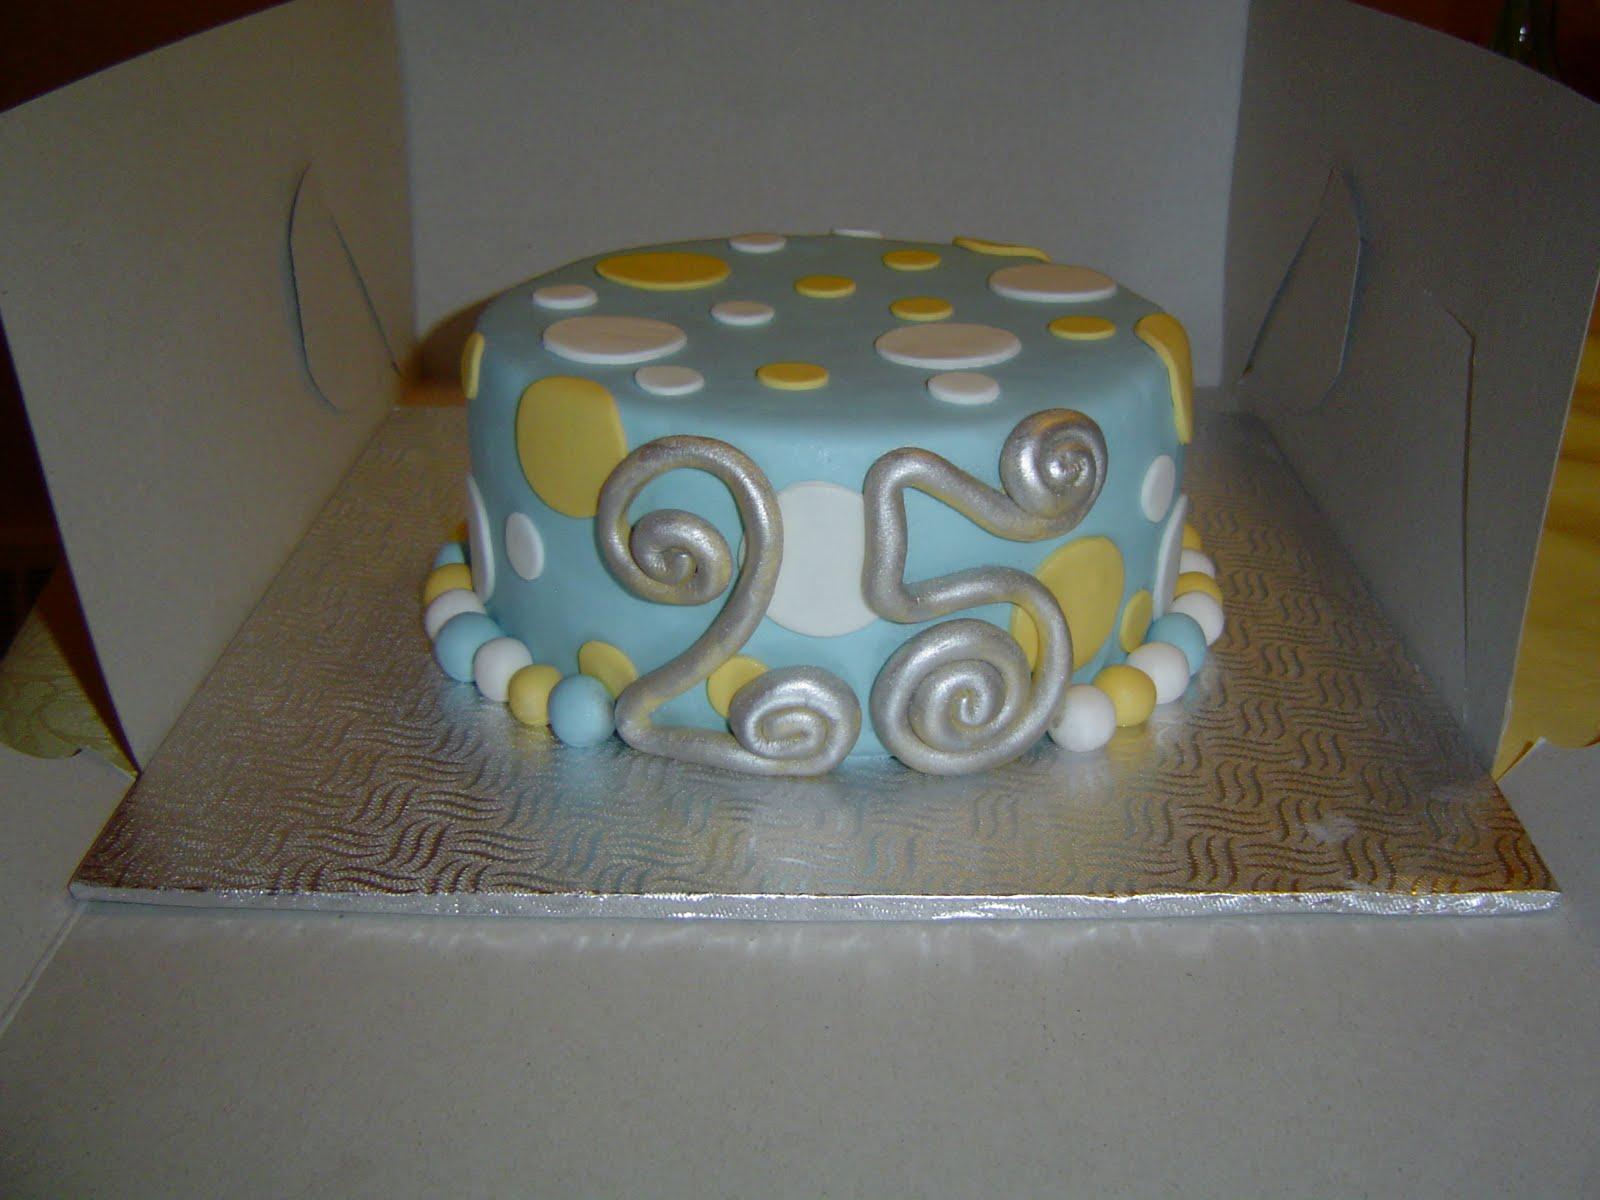 25th Anniversary Cake!